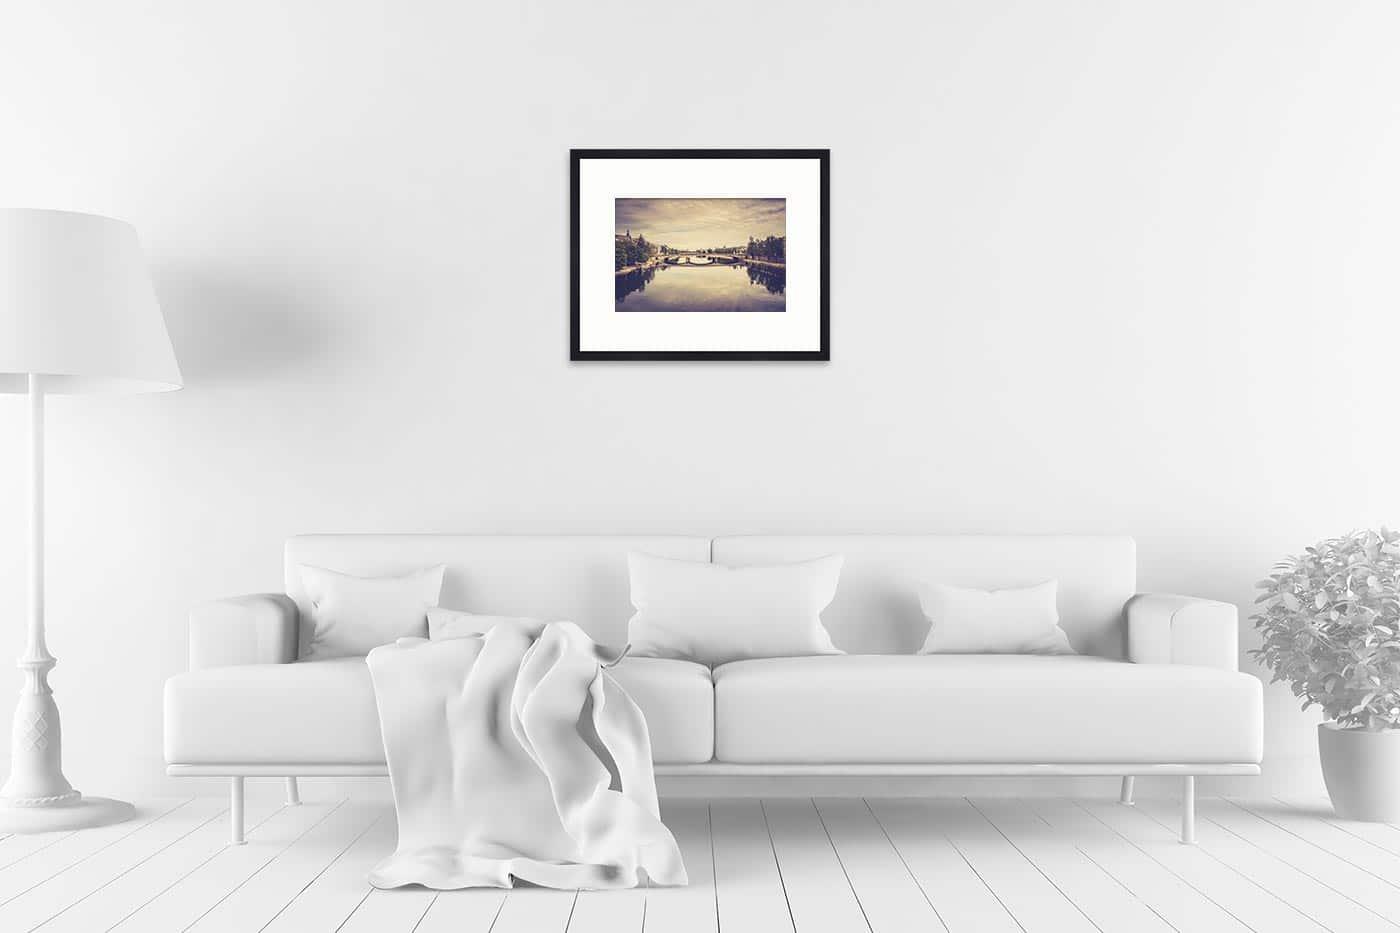 Cadre galerie 40x50 Paris 17H39